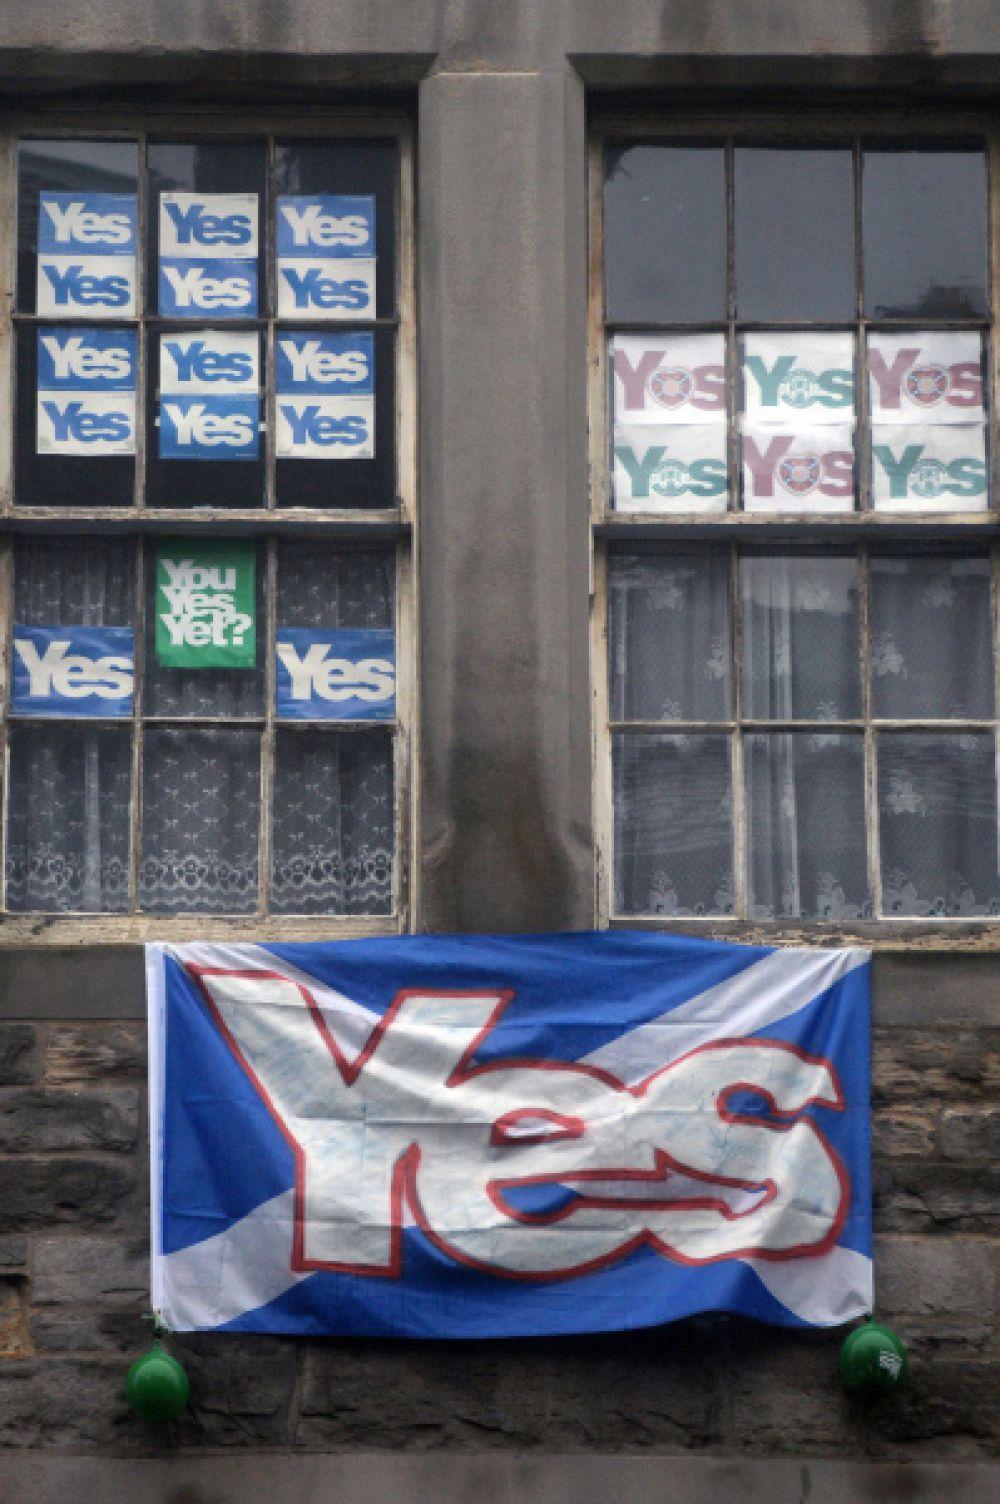 Уличная агитация в поддержку отделения Шотландии в Эдинбурге.